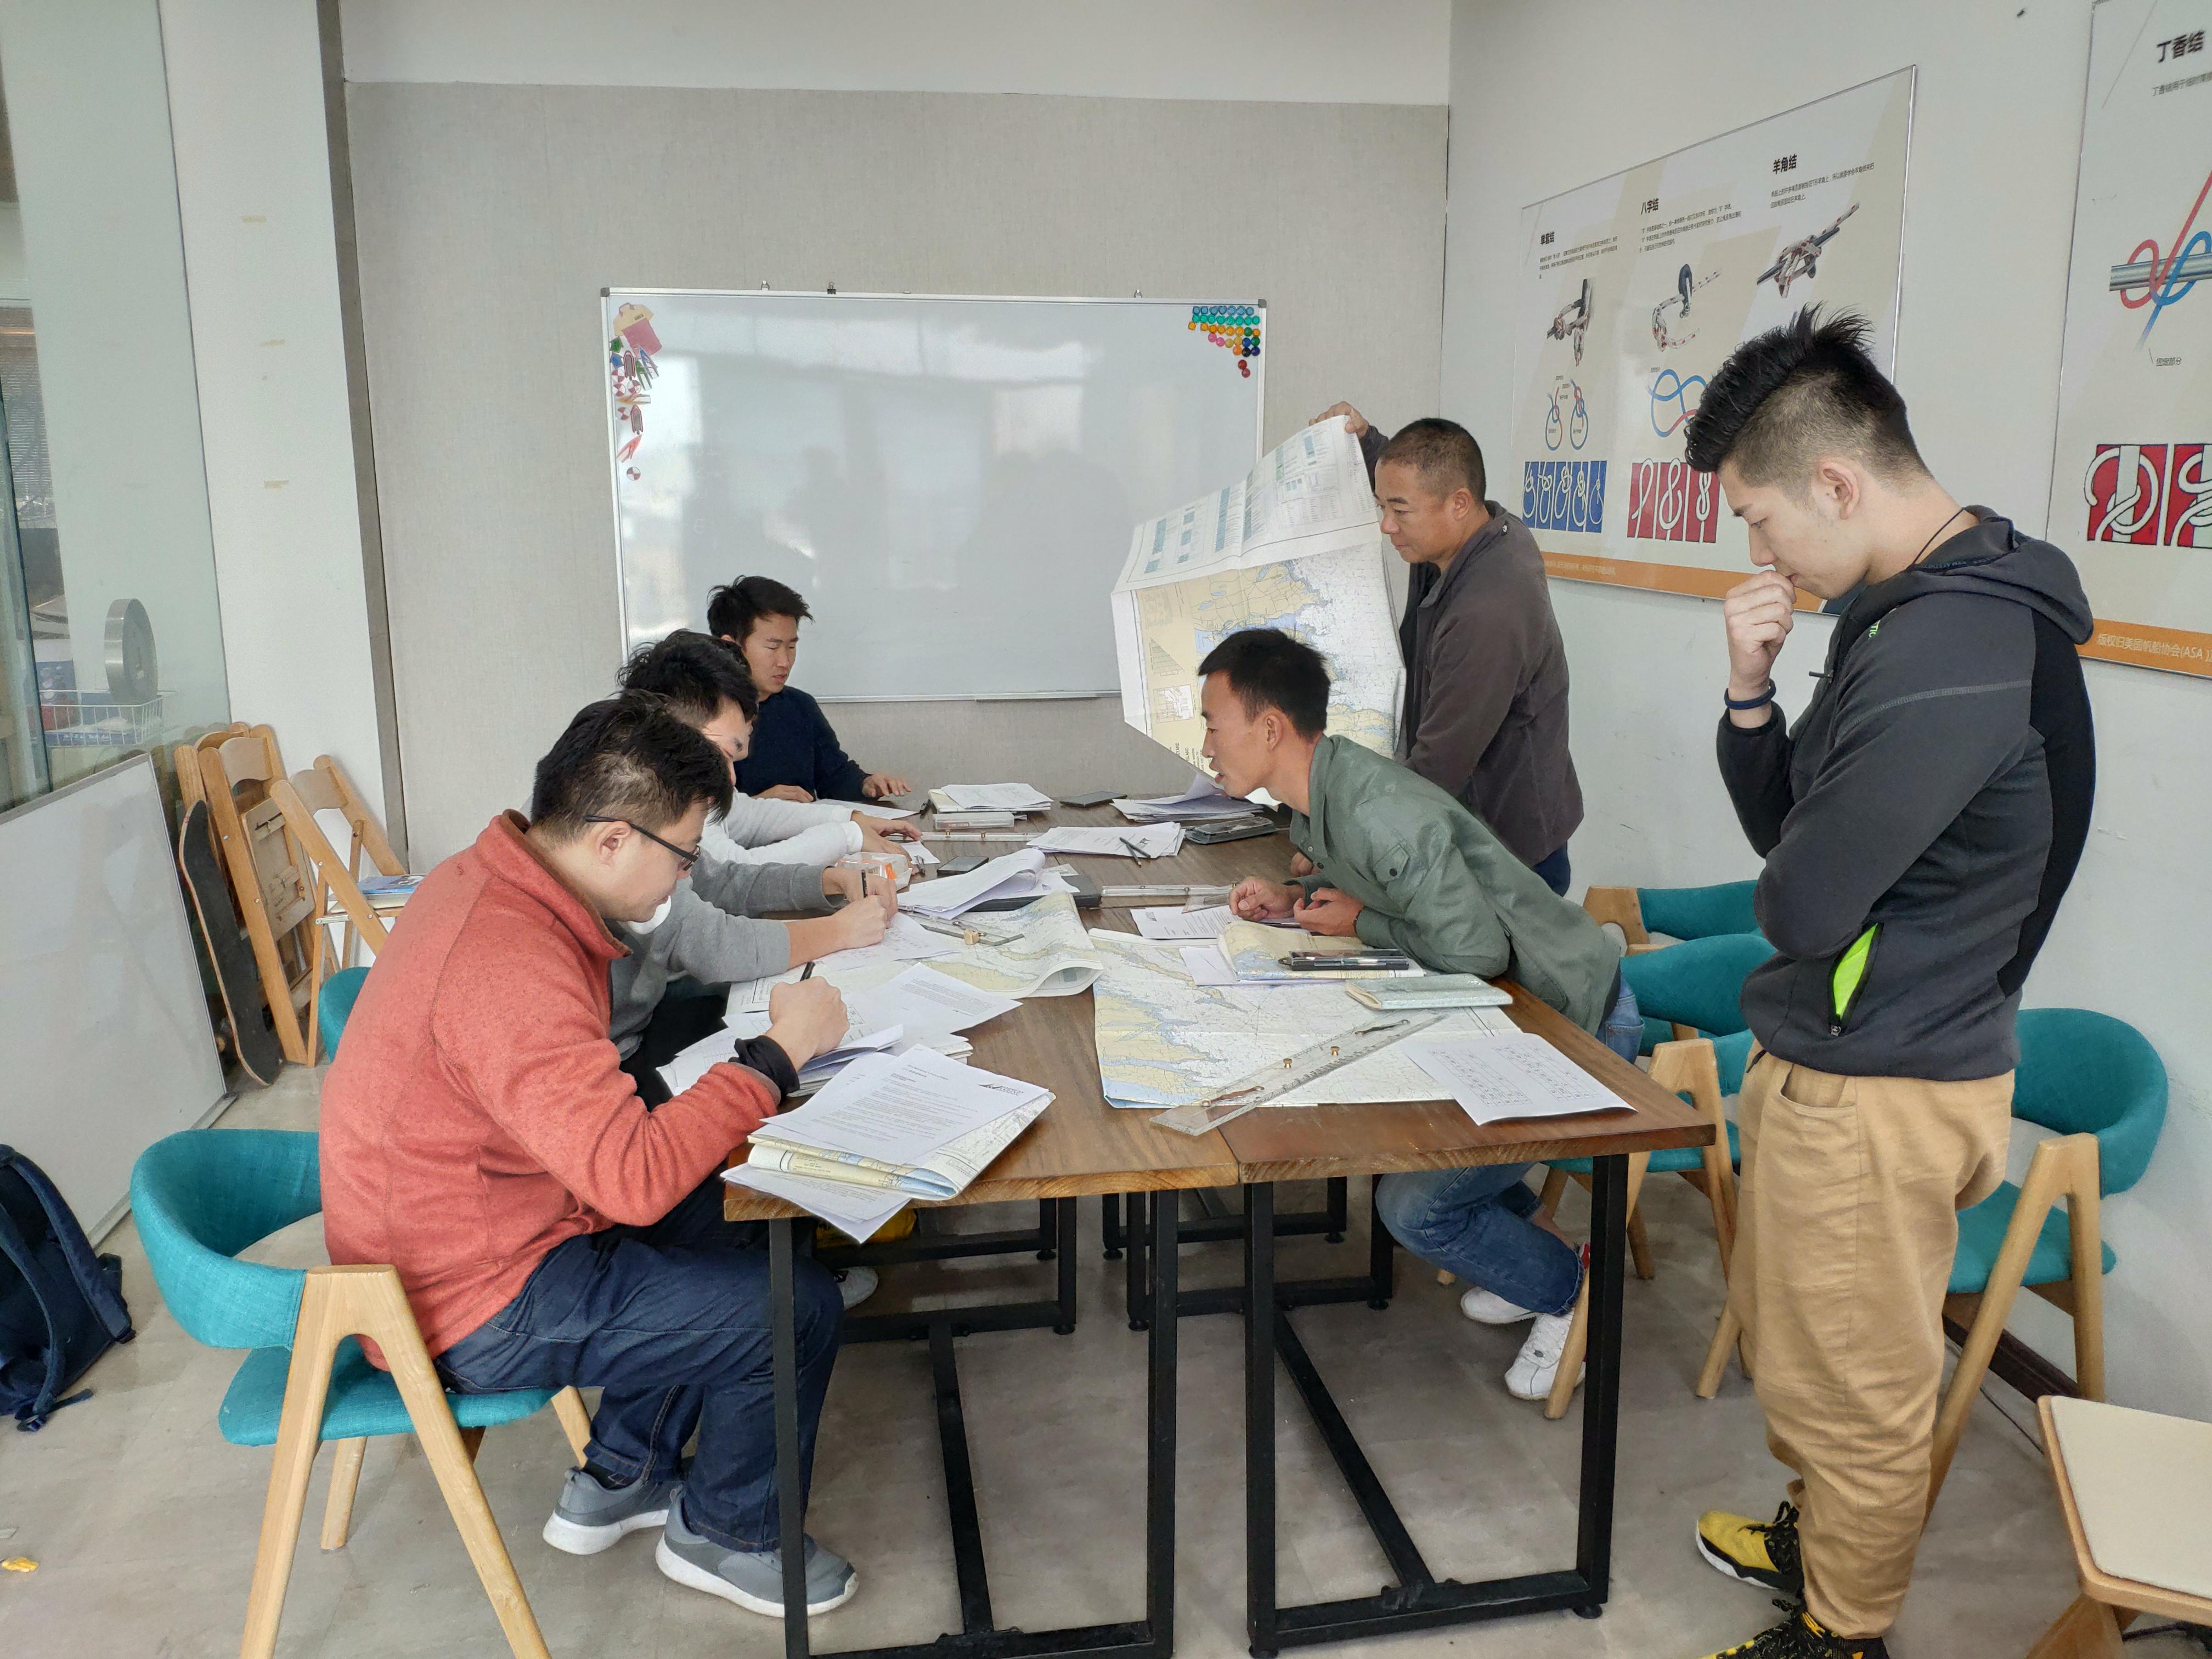 ASA,Ken,Brown,培训,青岛 在青岛享受国际水准帆船国际驾照培训,仅招6人!超值  110754vt7jgujm